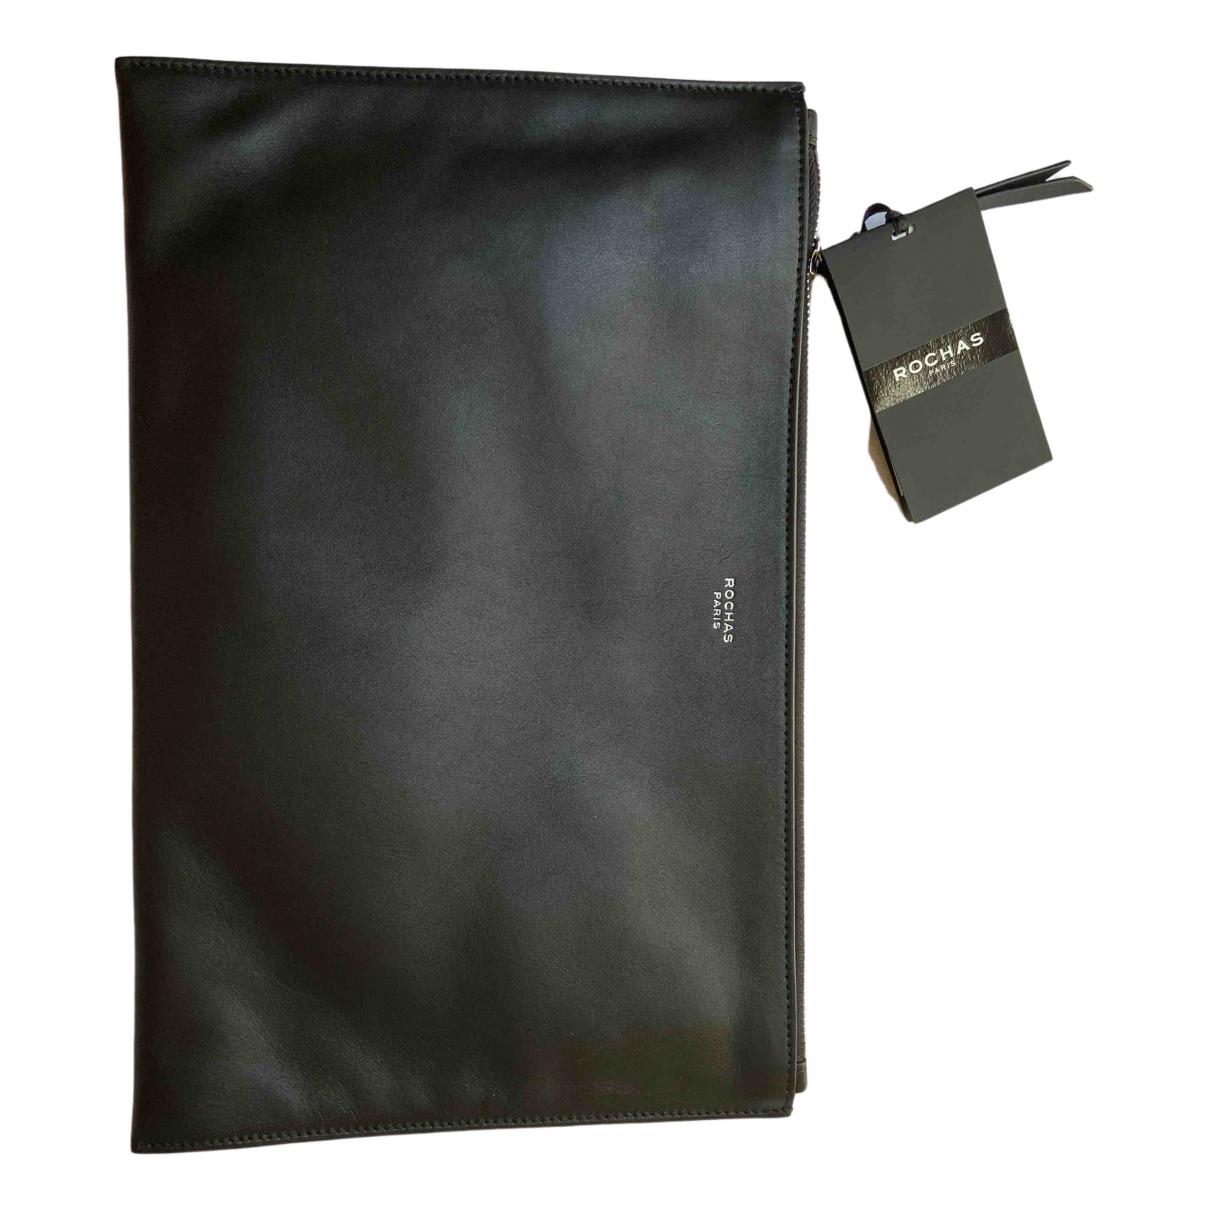 Rochas - Pochette   pour femme en cuir - noir